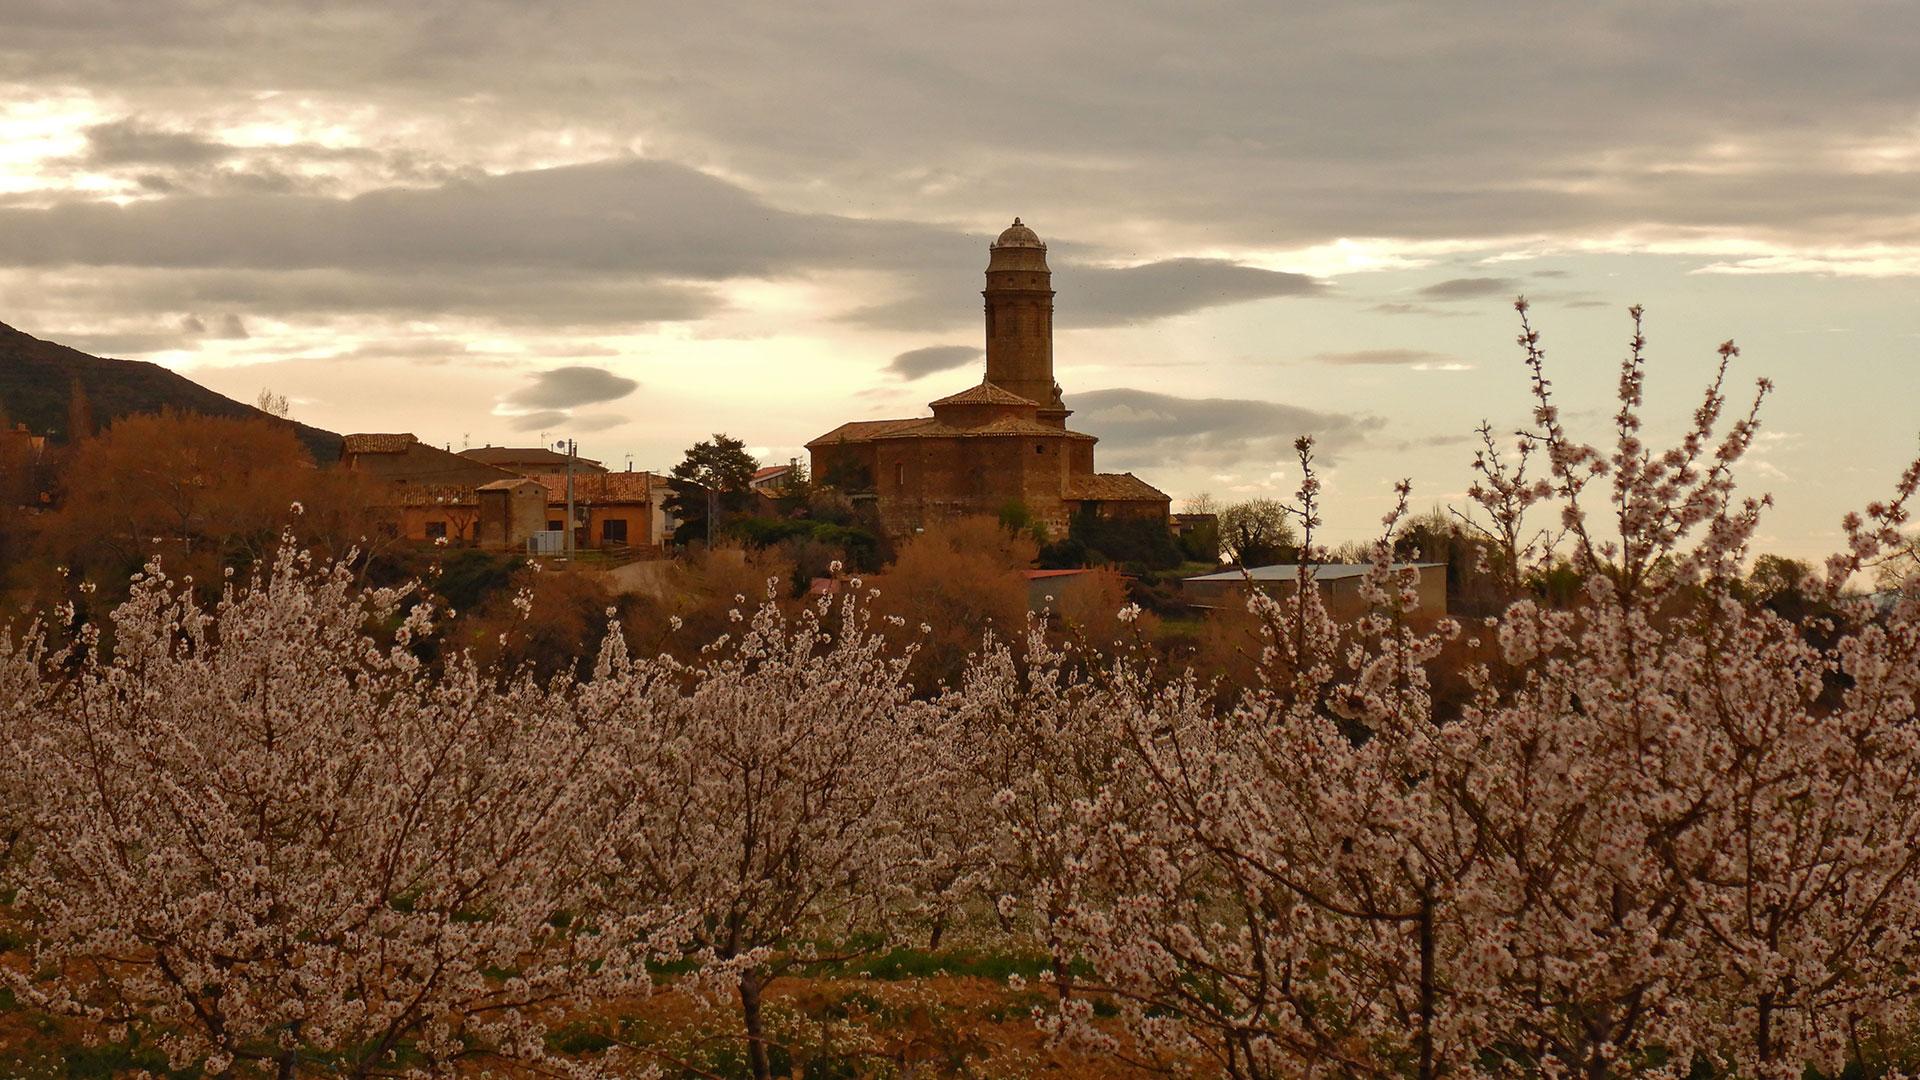 Anies-Castillo Loarre - Ermita Virgen de la Peña